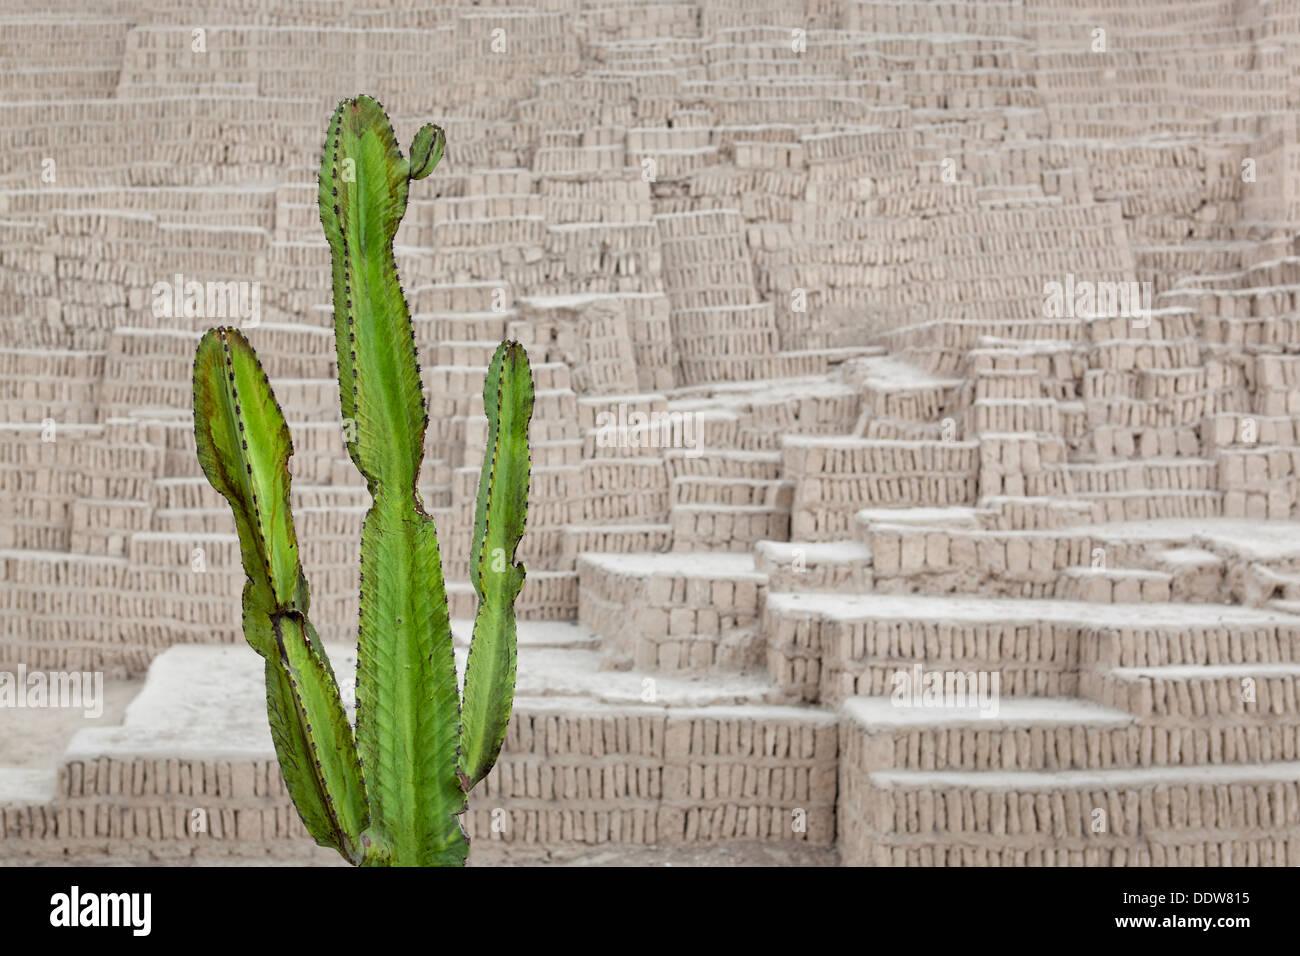 Huaca Pucllana: dettaglio di fango di adobe pareti in mattoni risalente a Lima cultura di 400annuncio, con green Candelabra Euphorbia cactus nel Immagini Stock